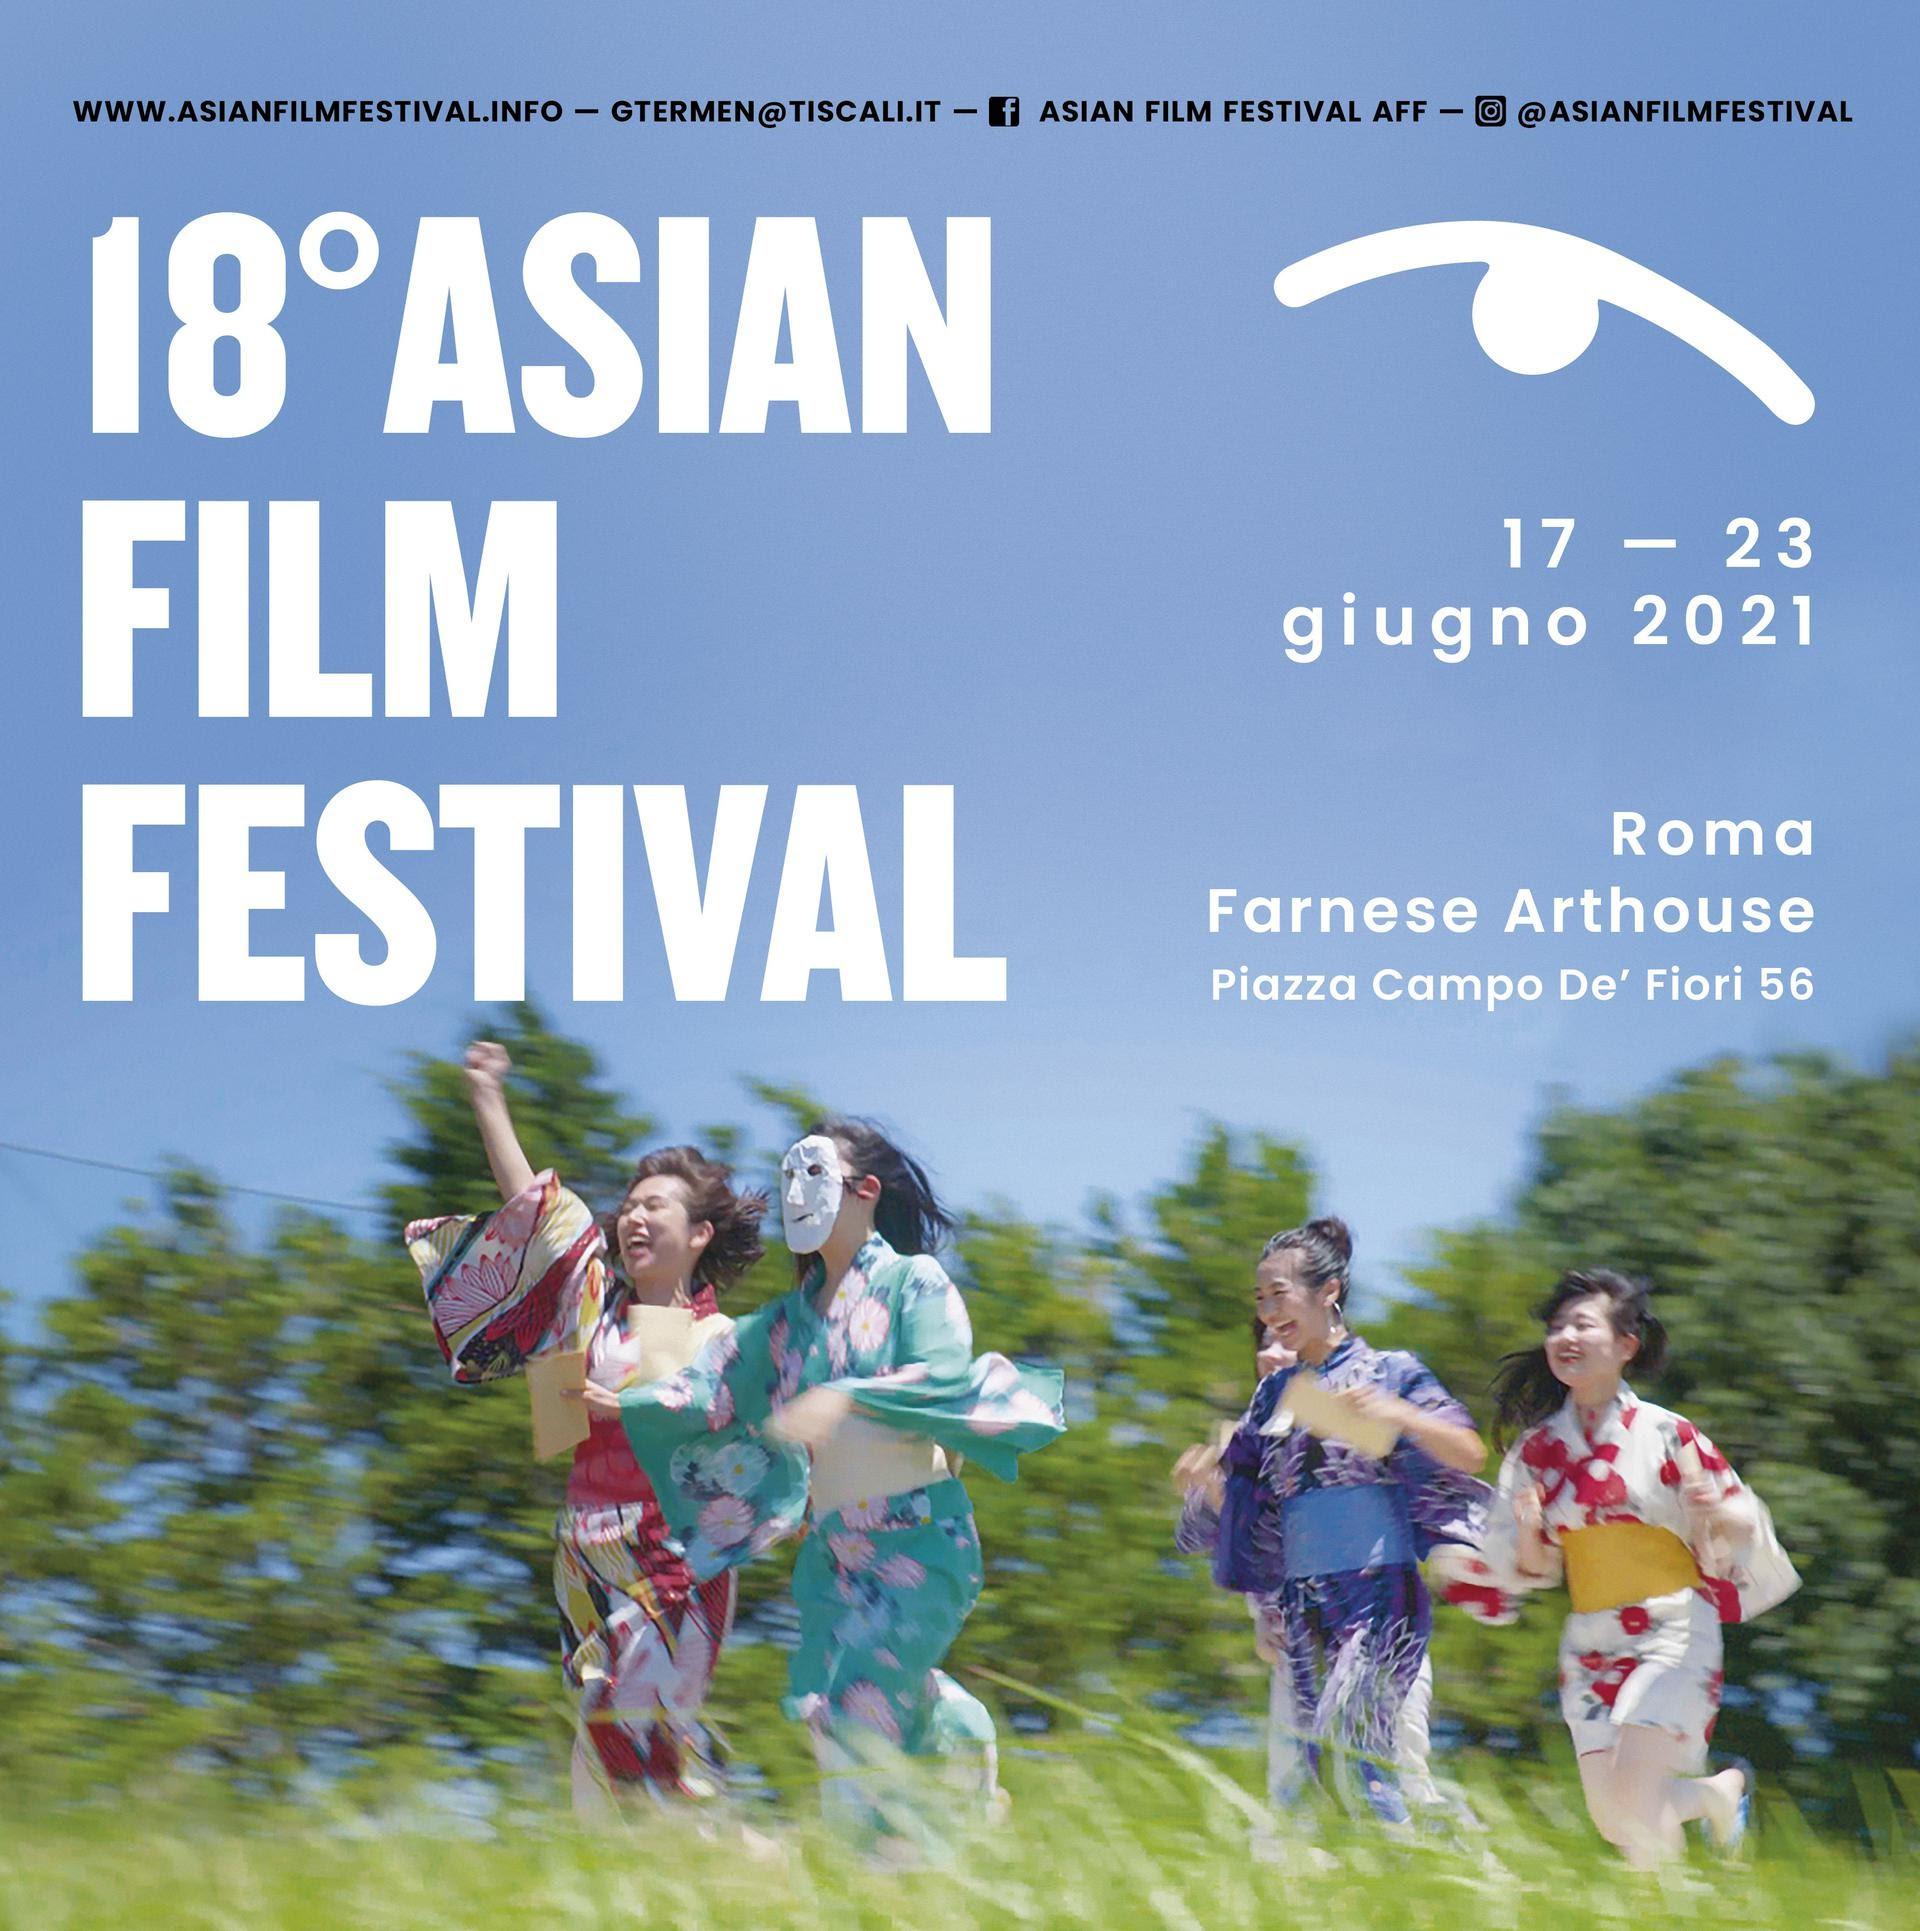 Asian Film Festival: il programma completo. 17-23 giugno, Farnese Arthouse, Roma